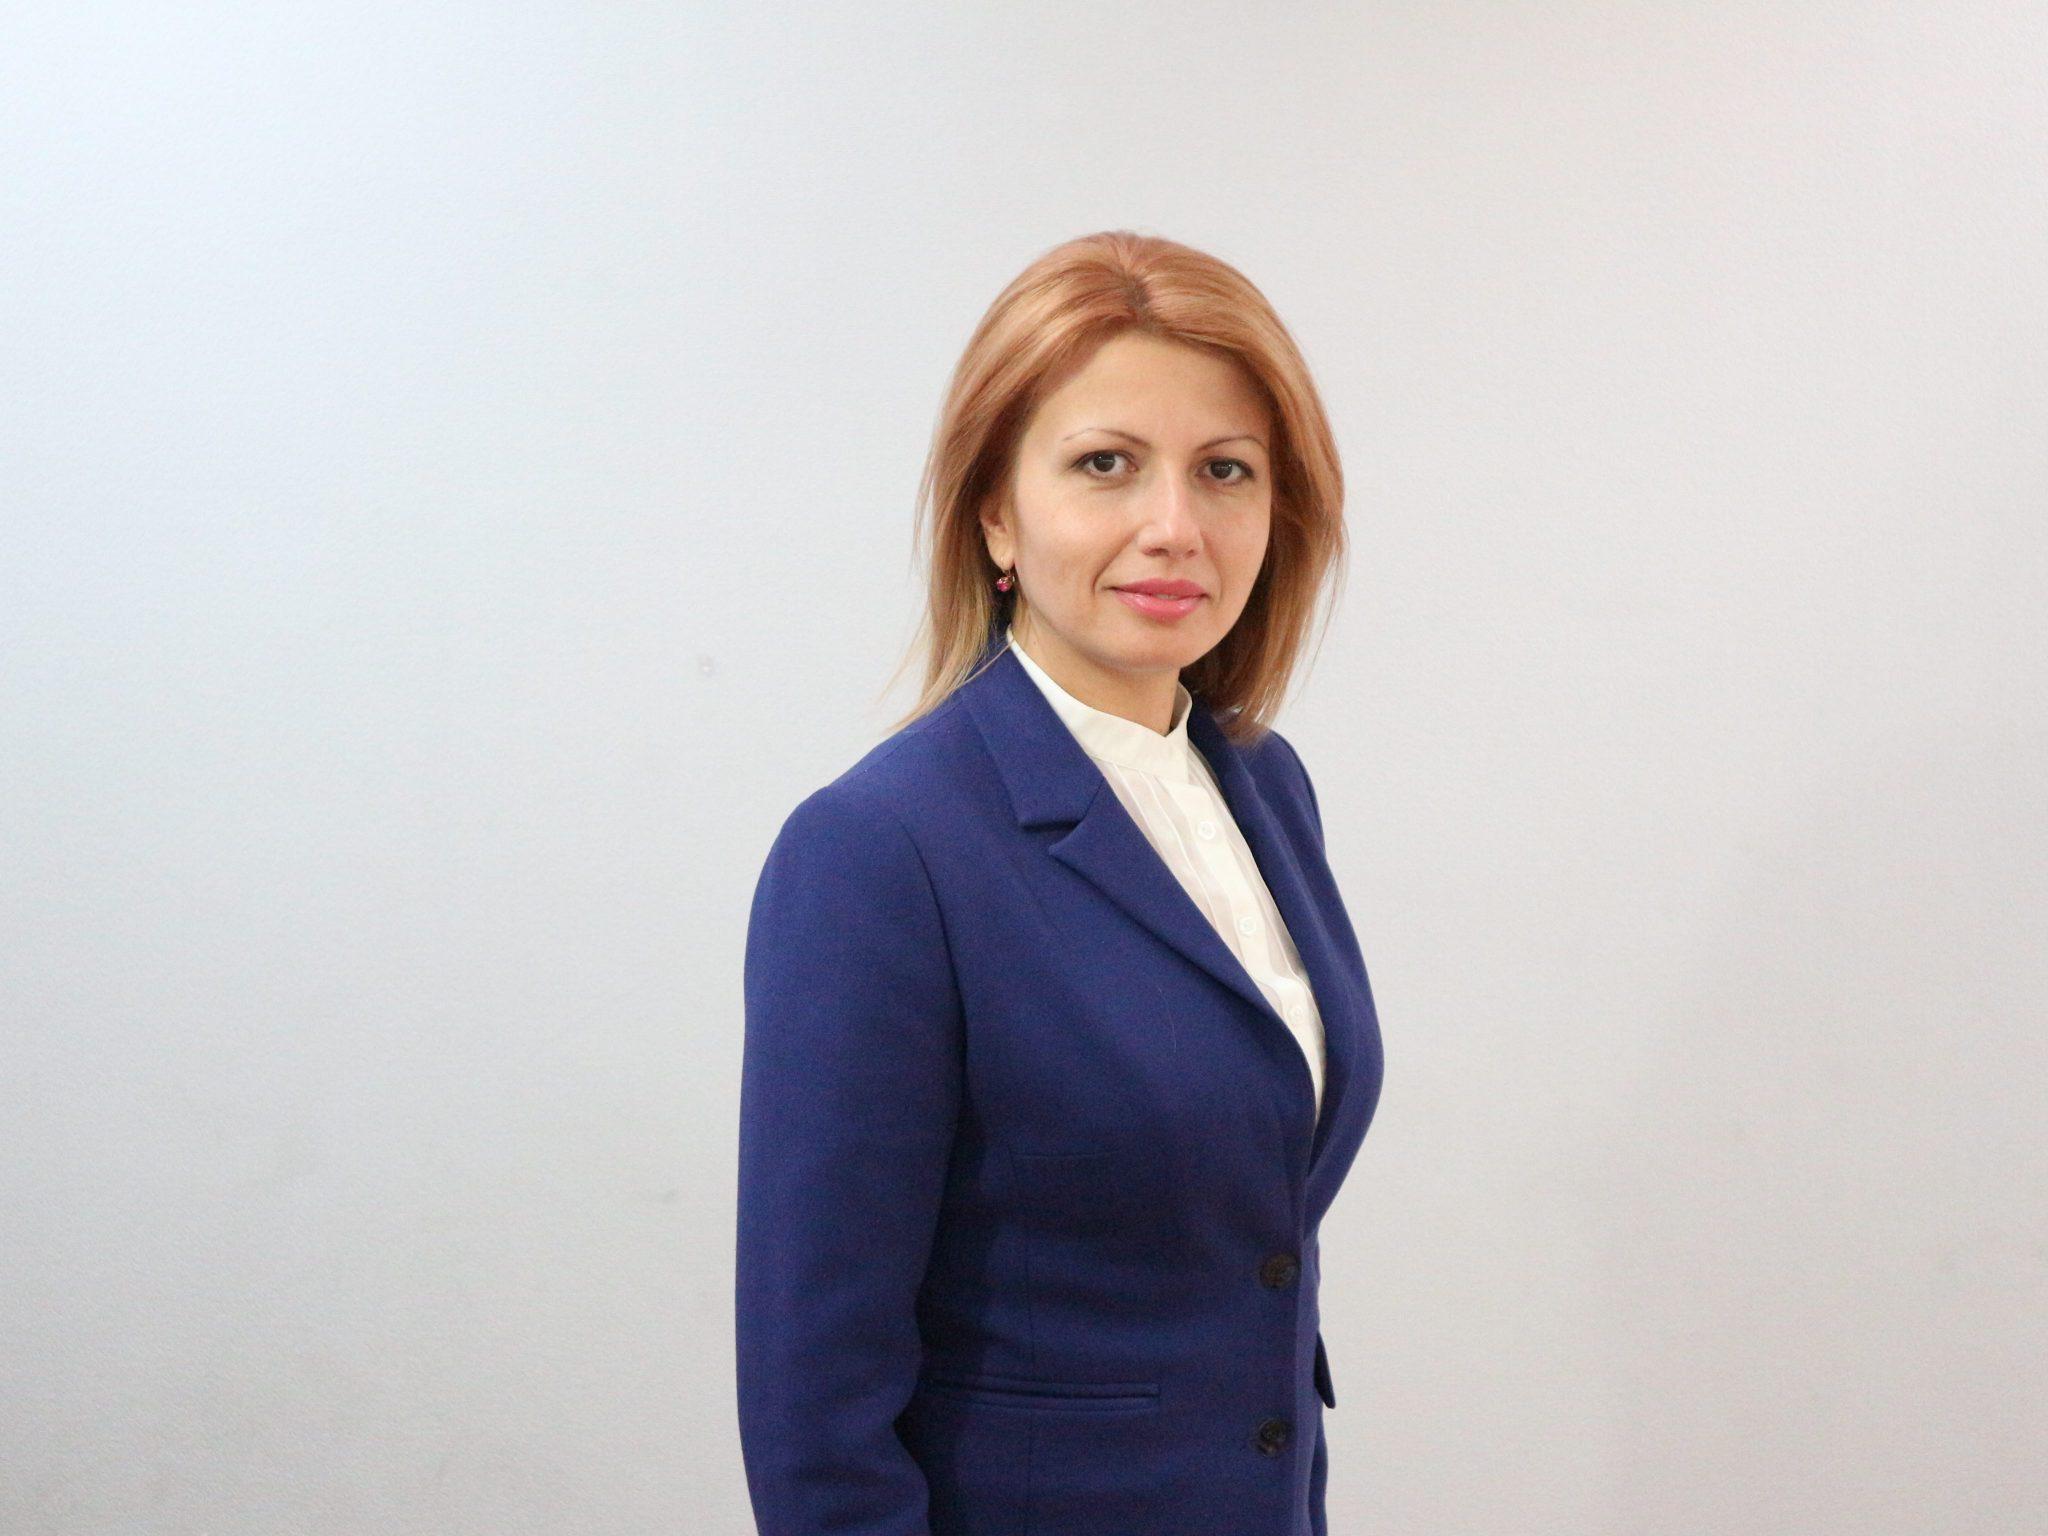 INTERVIU // Arina Spătaru: Bălțenii merită un nivel decent de viață